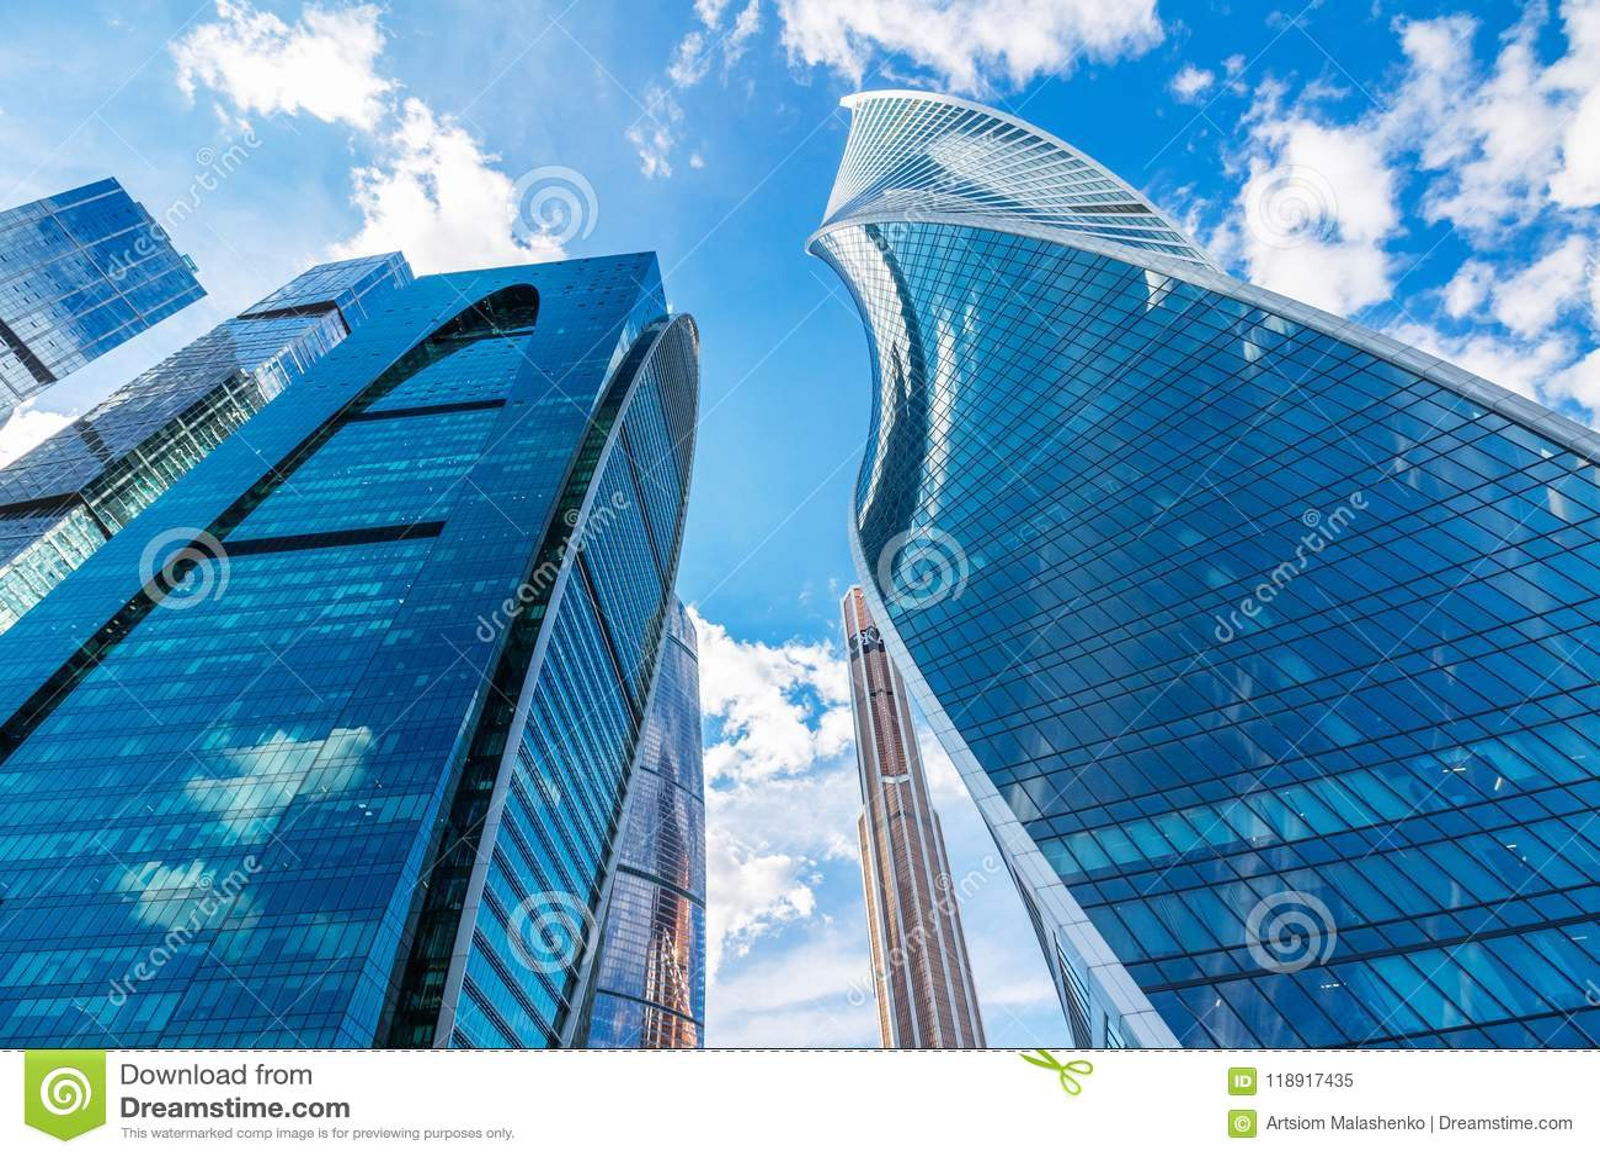 Wolkenkratzer gegen einen schönen Himmel mit Wolken